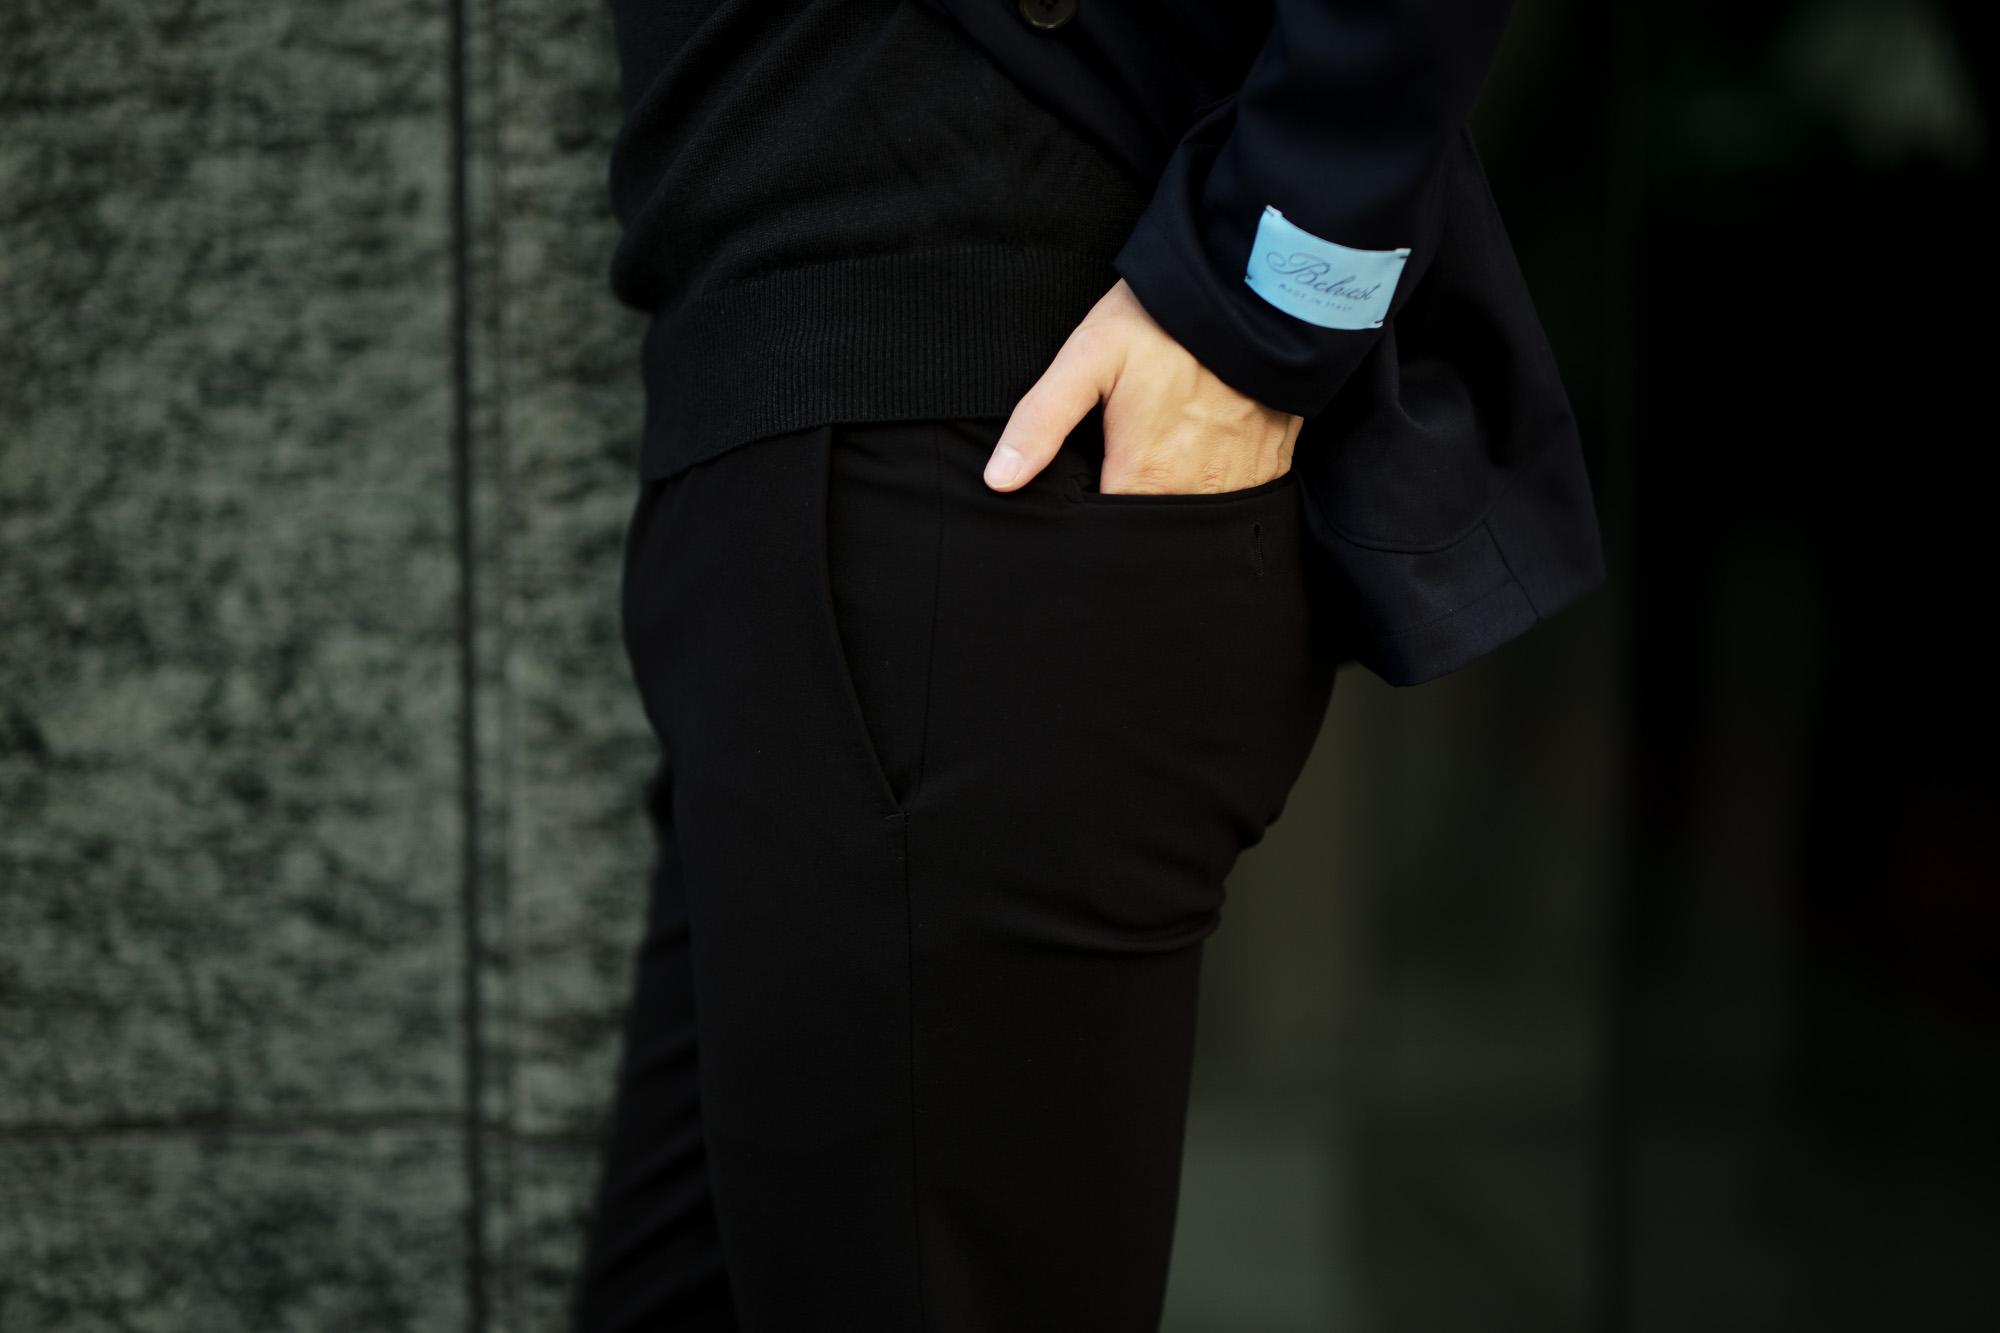 cuervo bopoha (クエルボ ヴァローナ) Sartoria Collection (サルトリア コレクション) Brad (ブラッド) 2WAY SUPER COMFORT JERSEY ストレッチ ジャージ スラックス BLACK (ブラック) MADE IN JAPAN (日本製) 2020 秋冬 愛知 名古屋 altoediritto アルトエデリット 黒スラックス スラックスコーデ